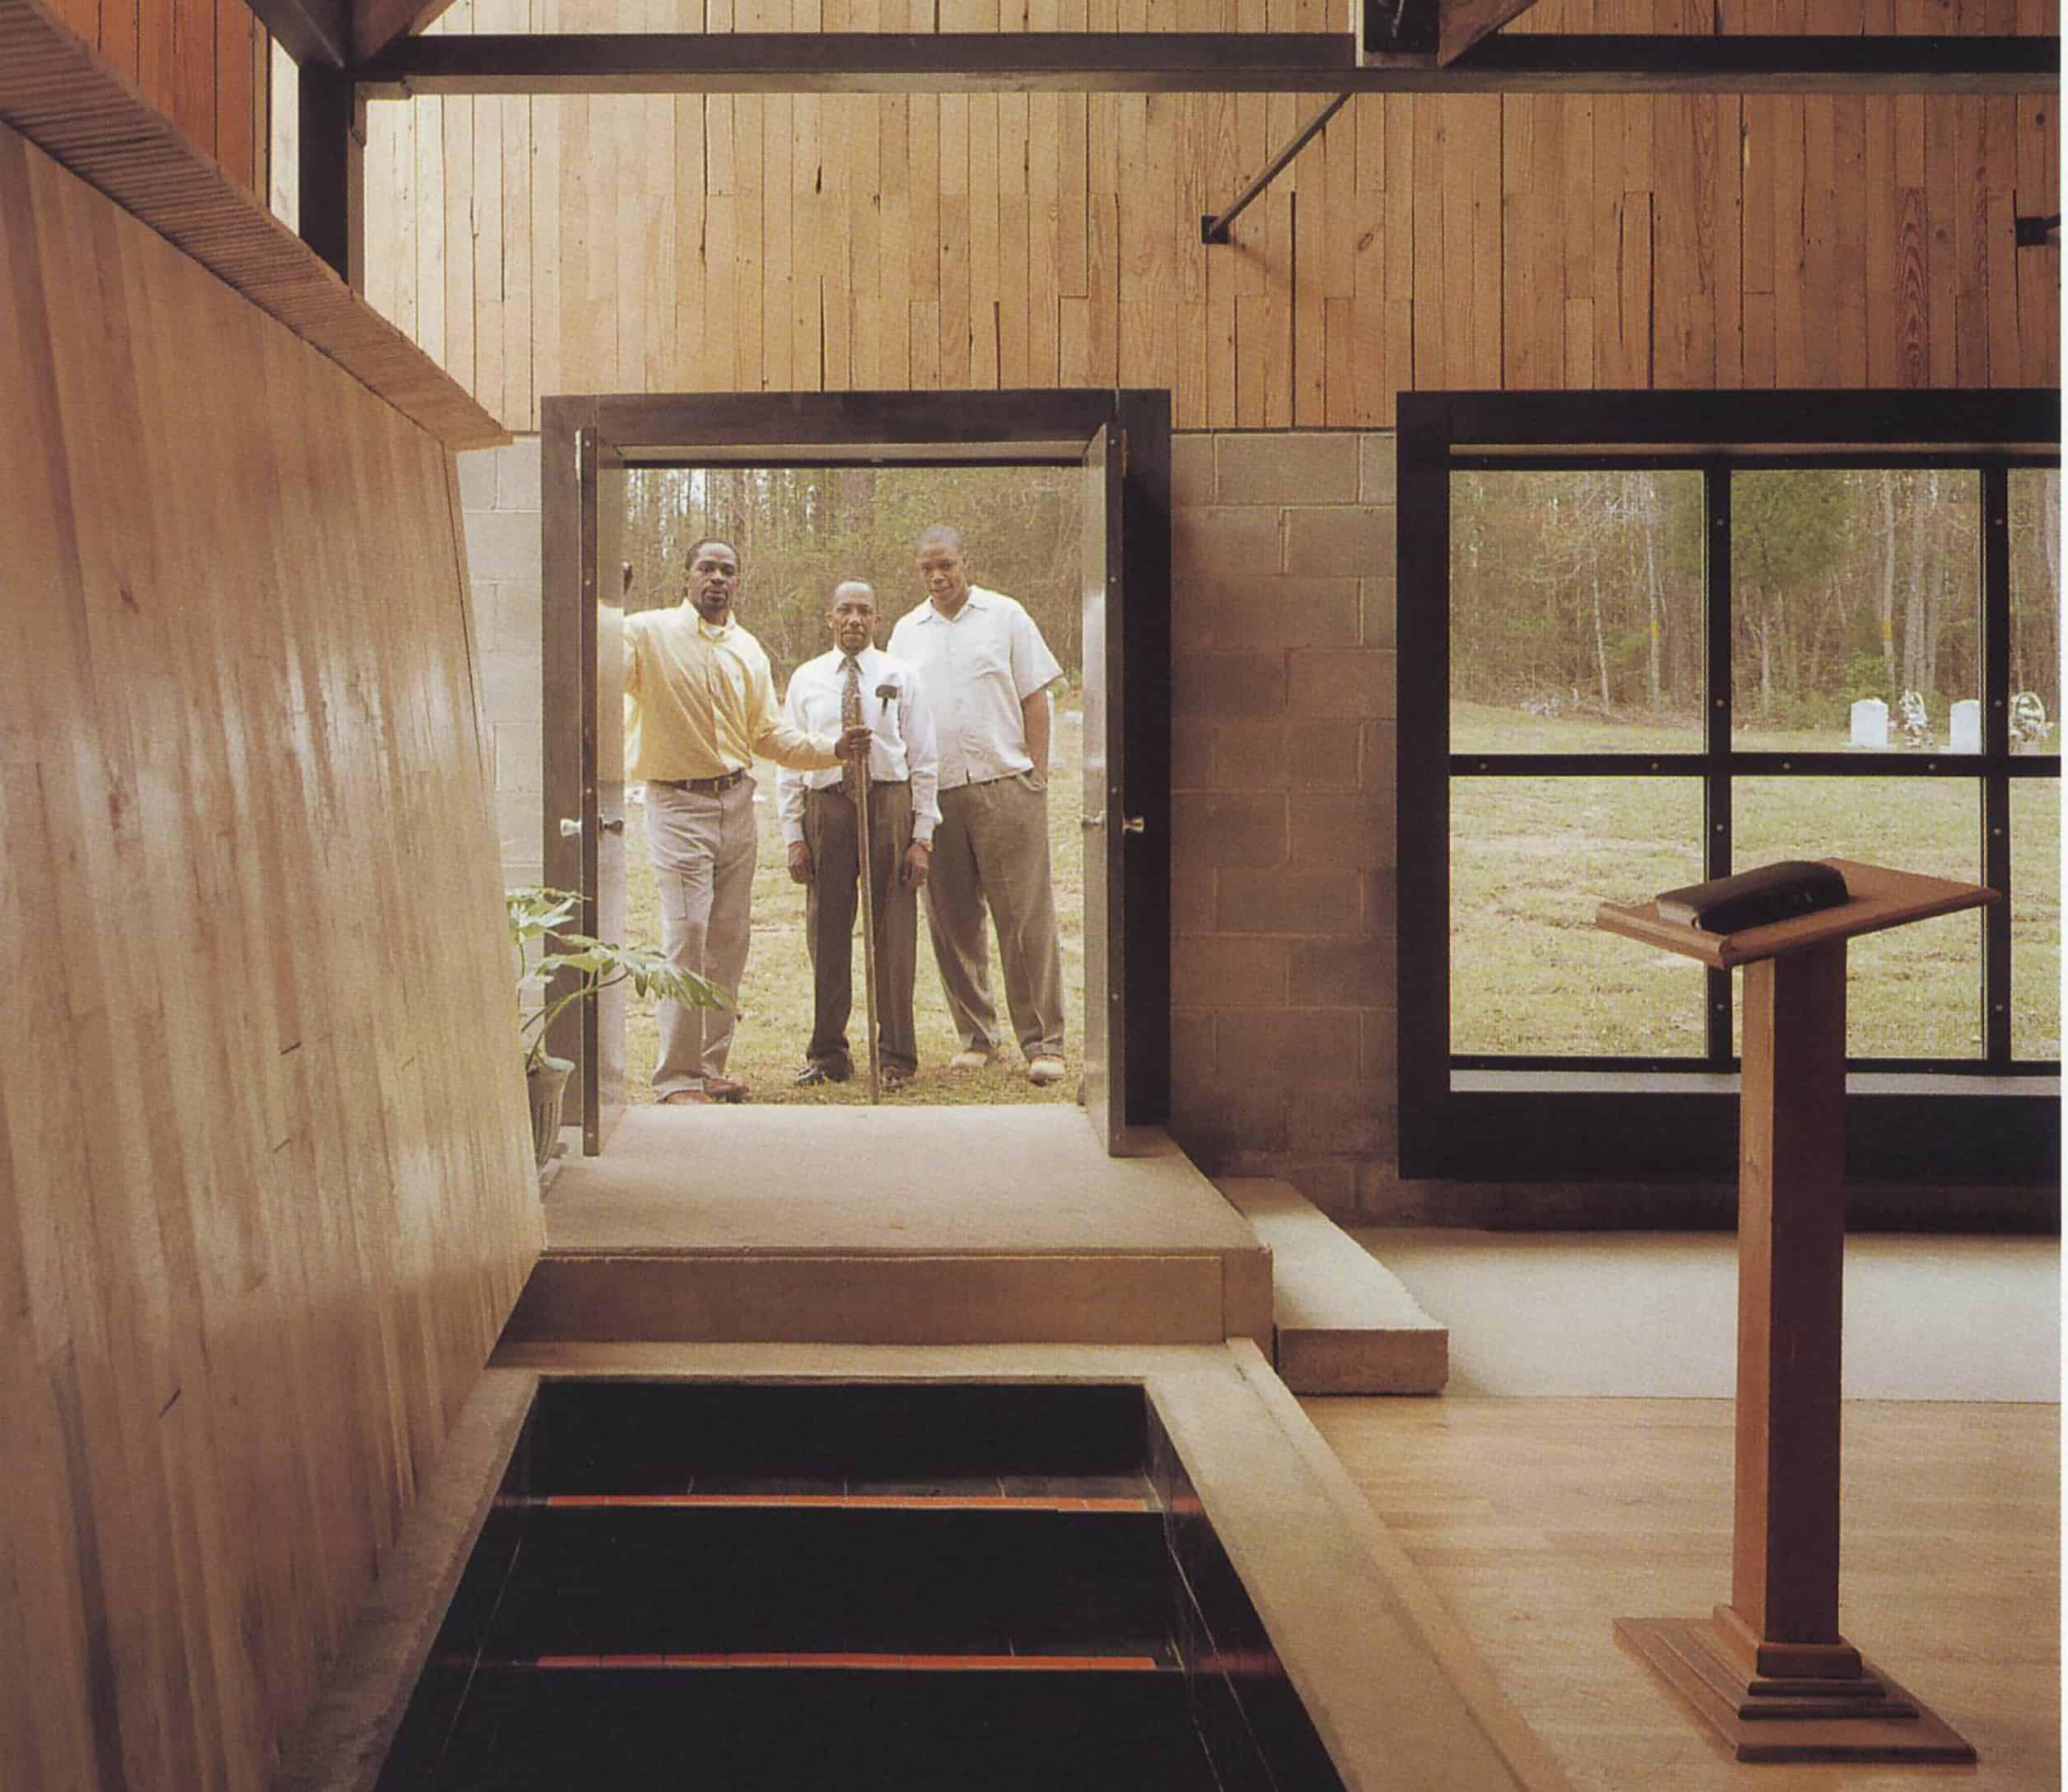 three men stand in doorway looking into church